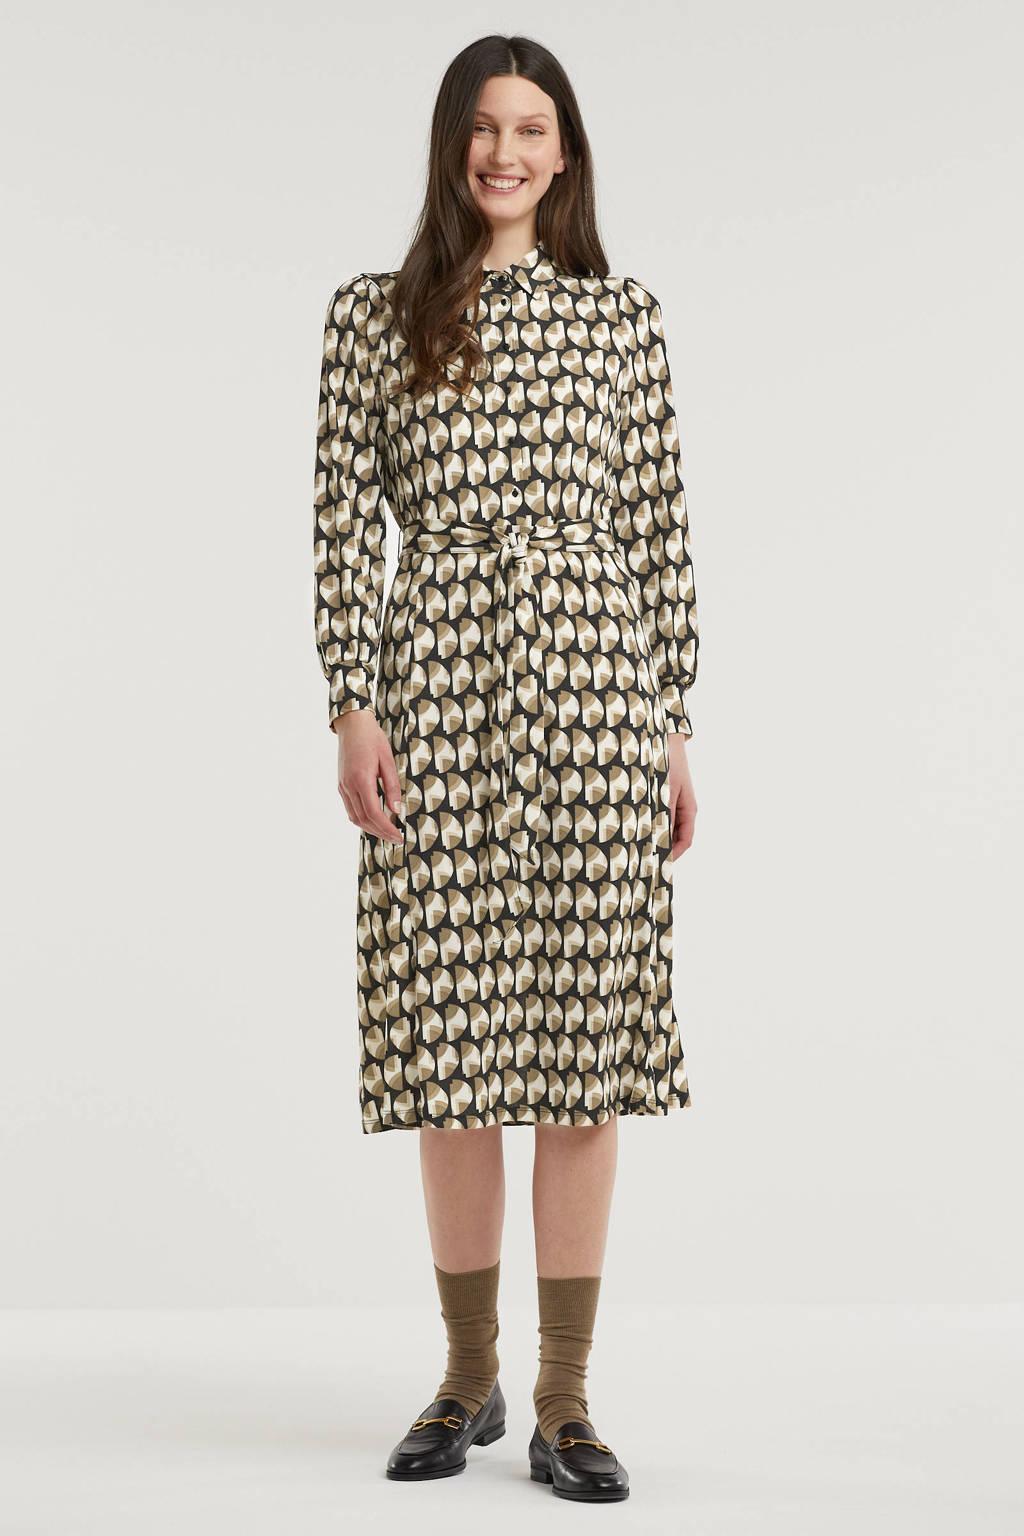 FREEQUENT blousejurk met all over print en ceintuur beige/zwart, Beige/zwart